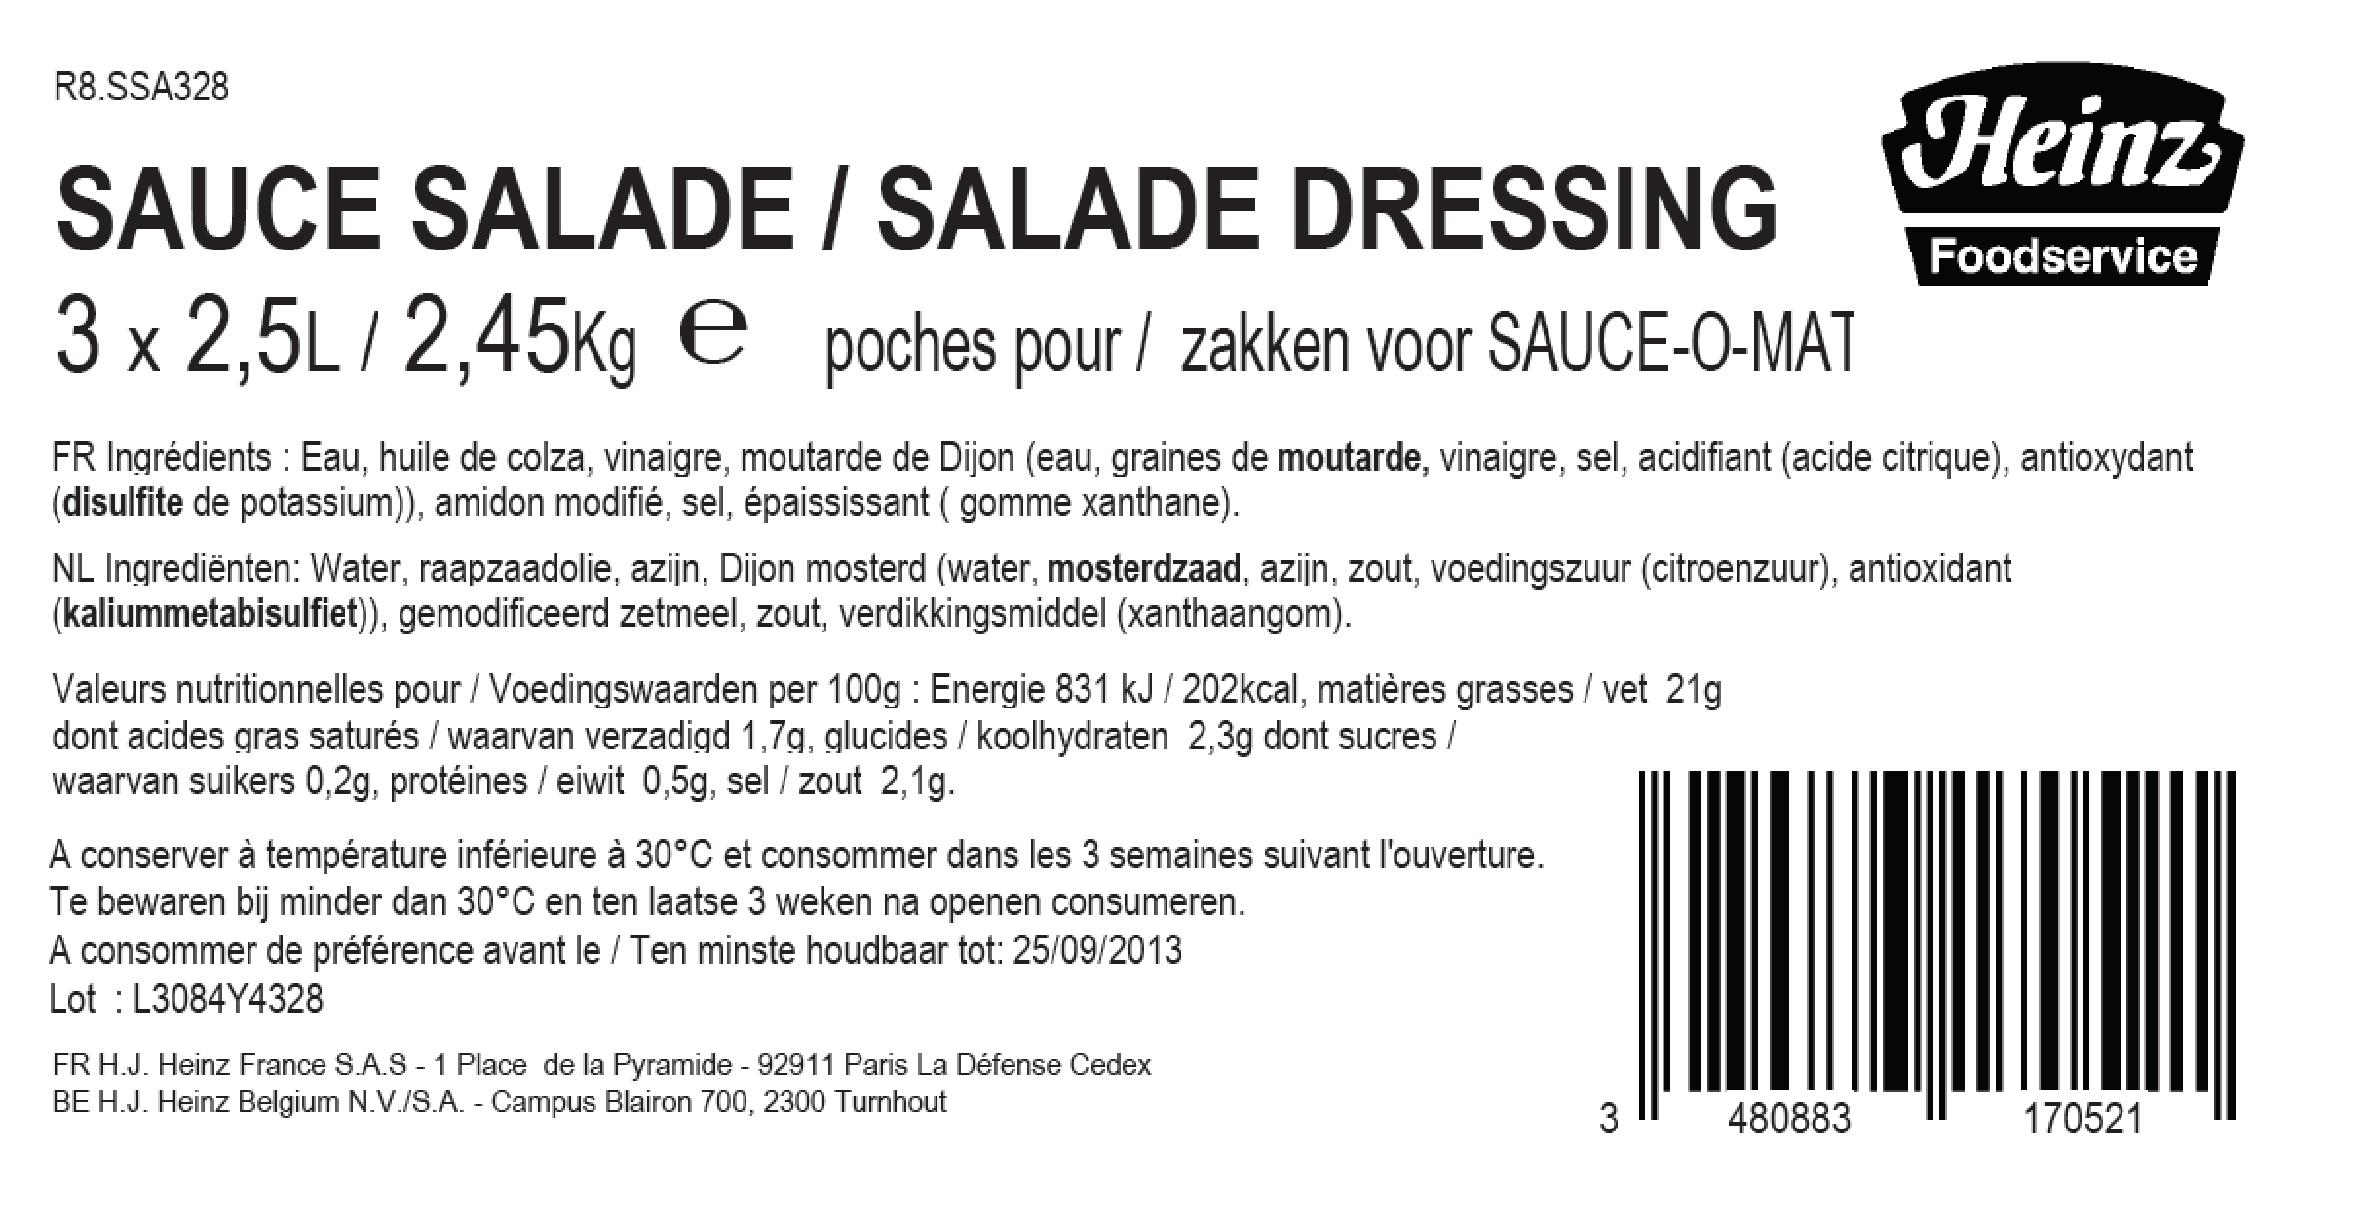 Heinz SOM Salade Dressing 2.5L